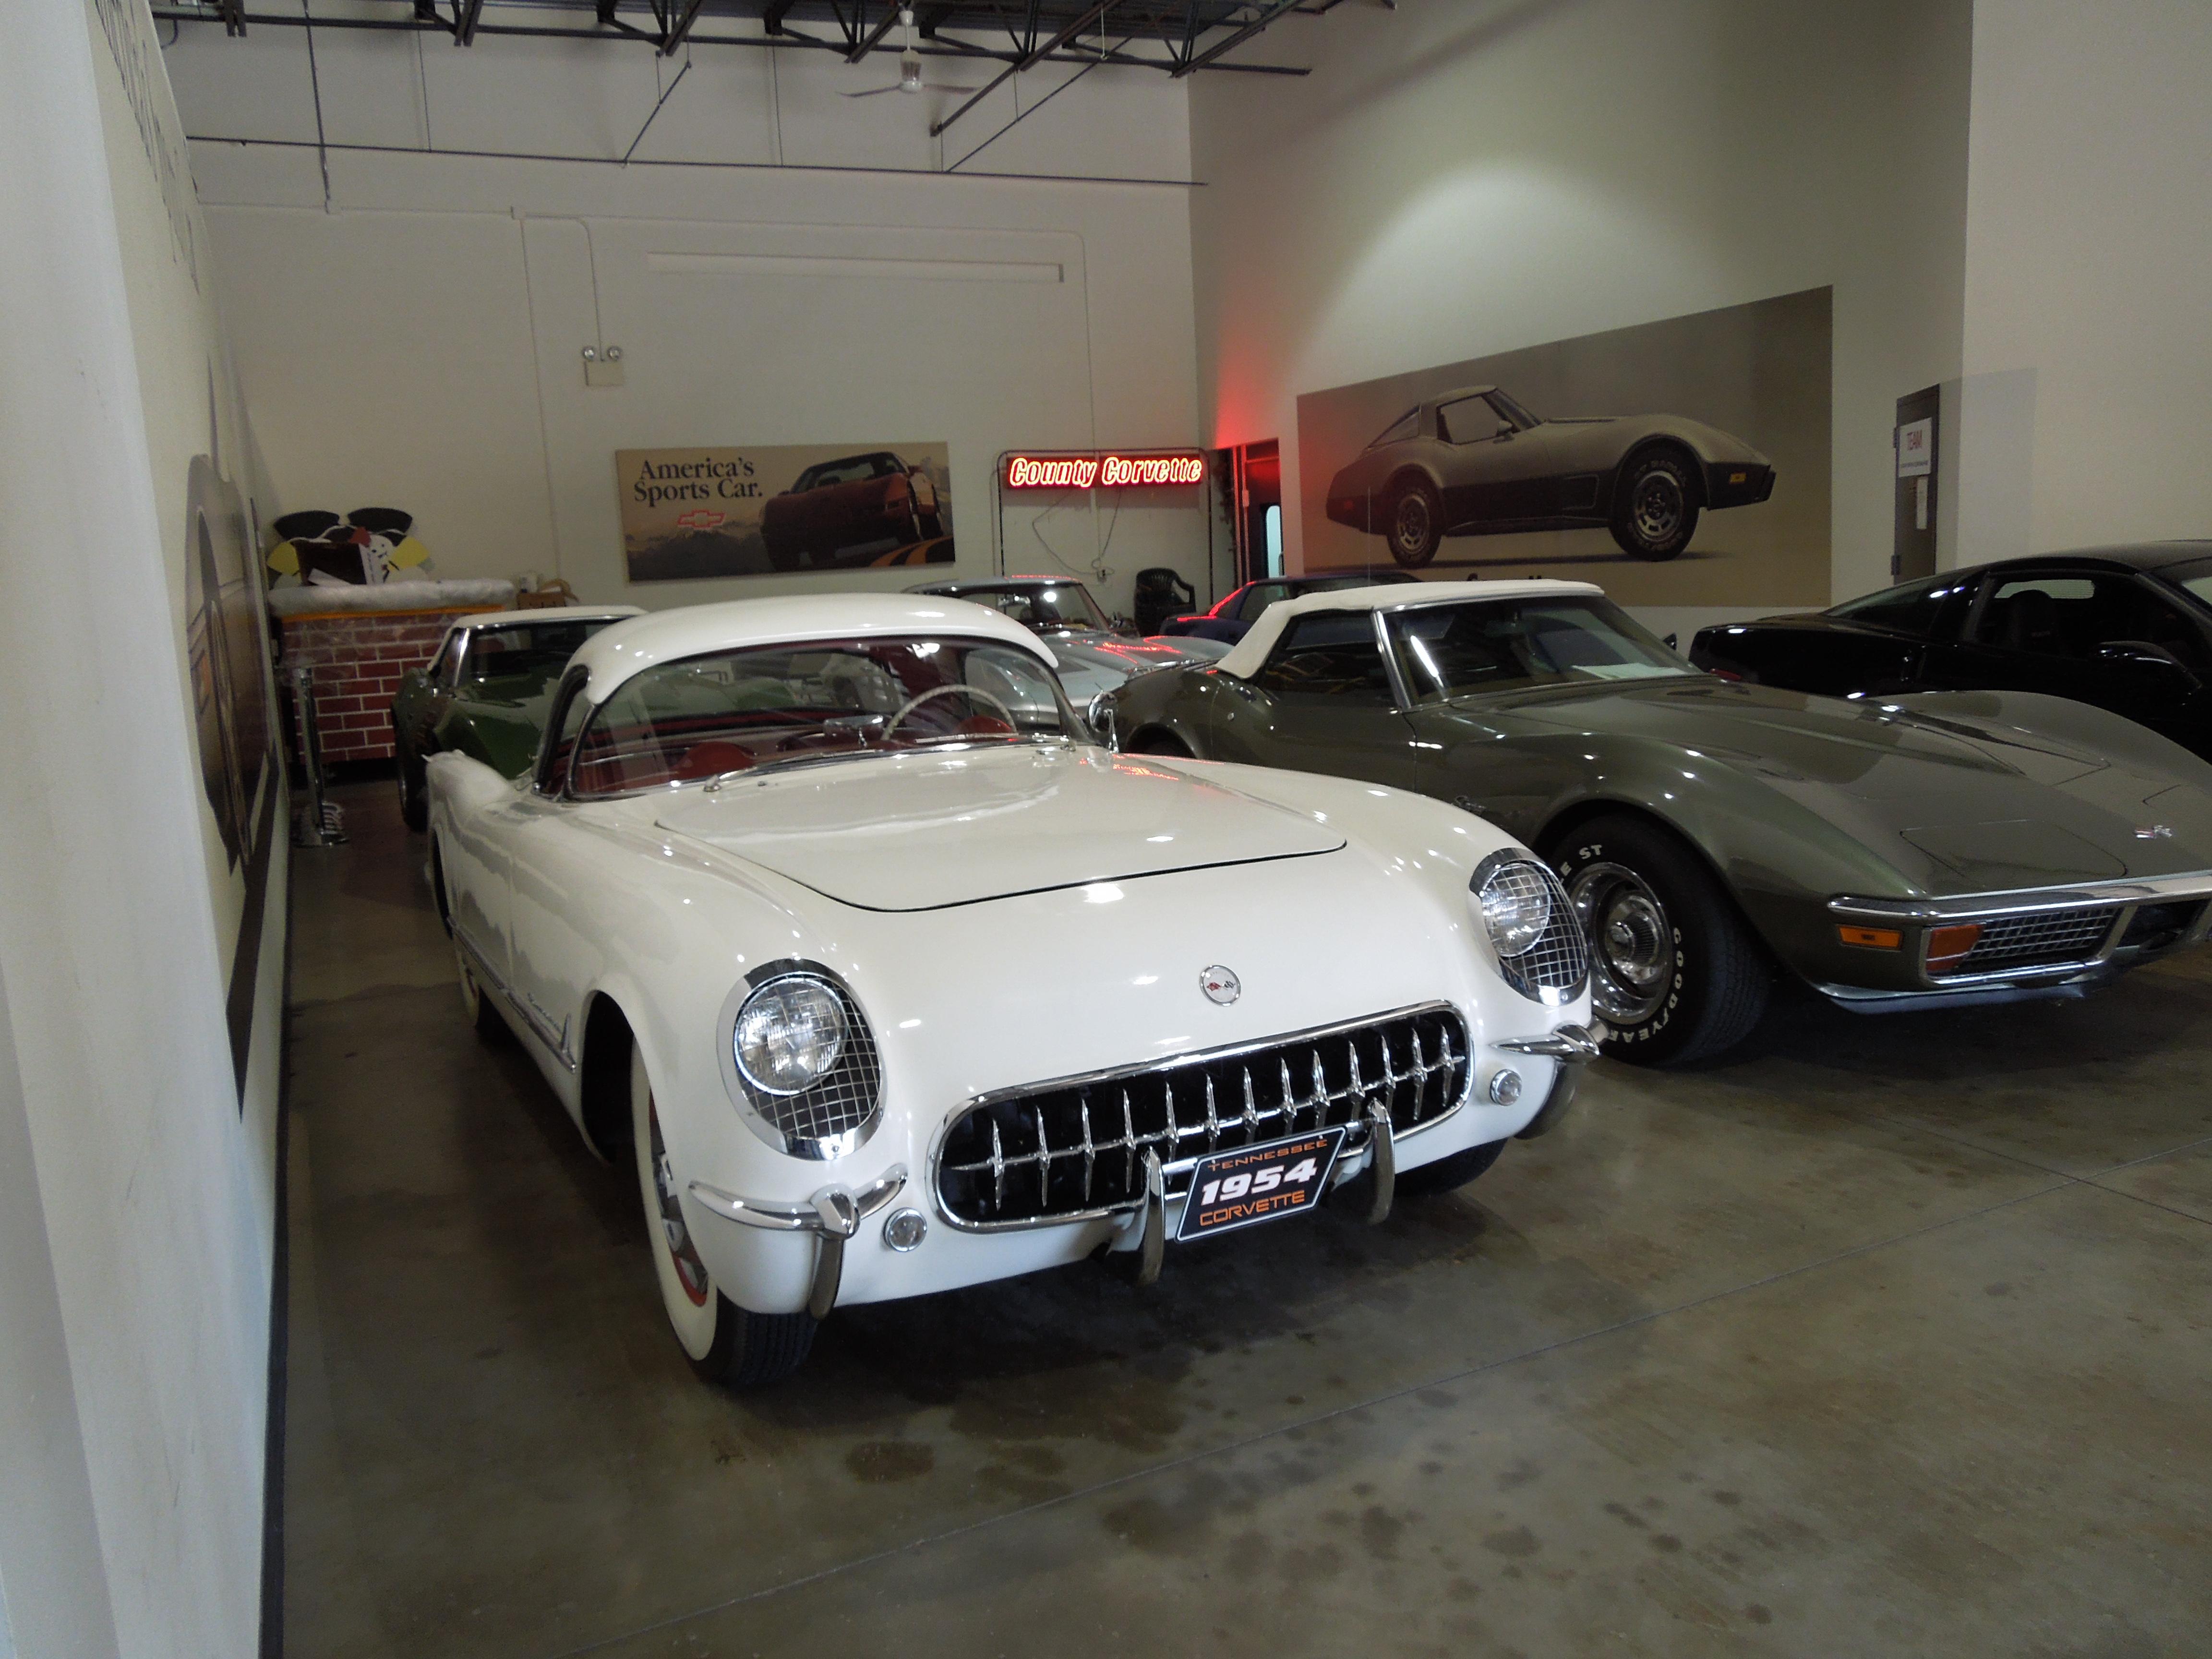 2012-5-12-county-corvette-056